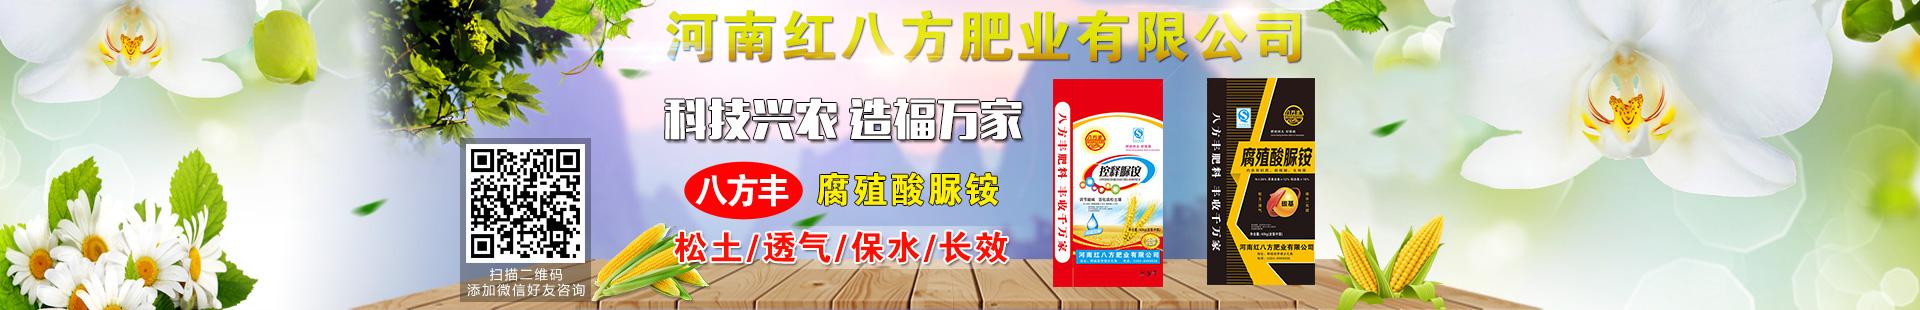 河南红八方肥业有限公司